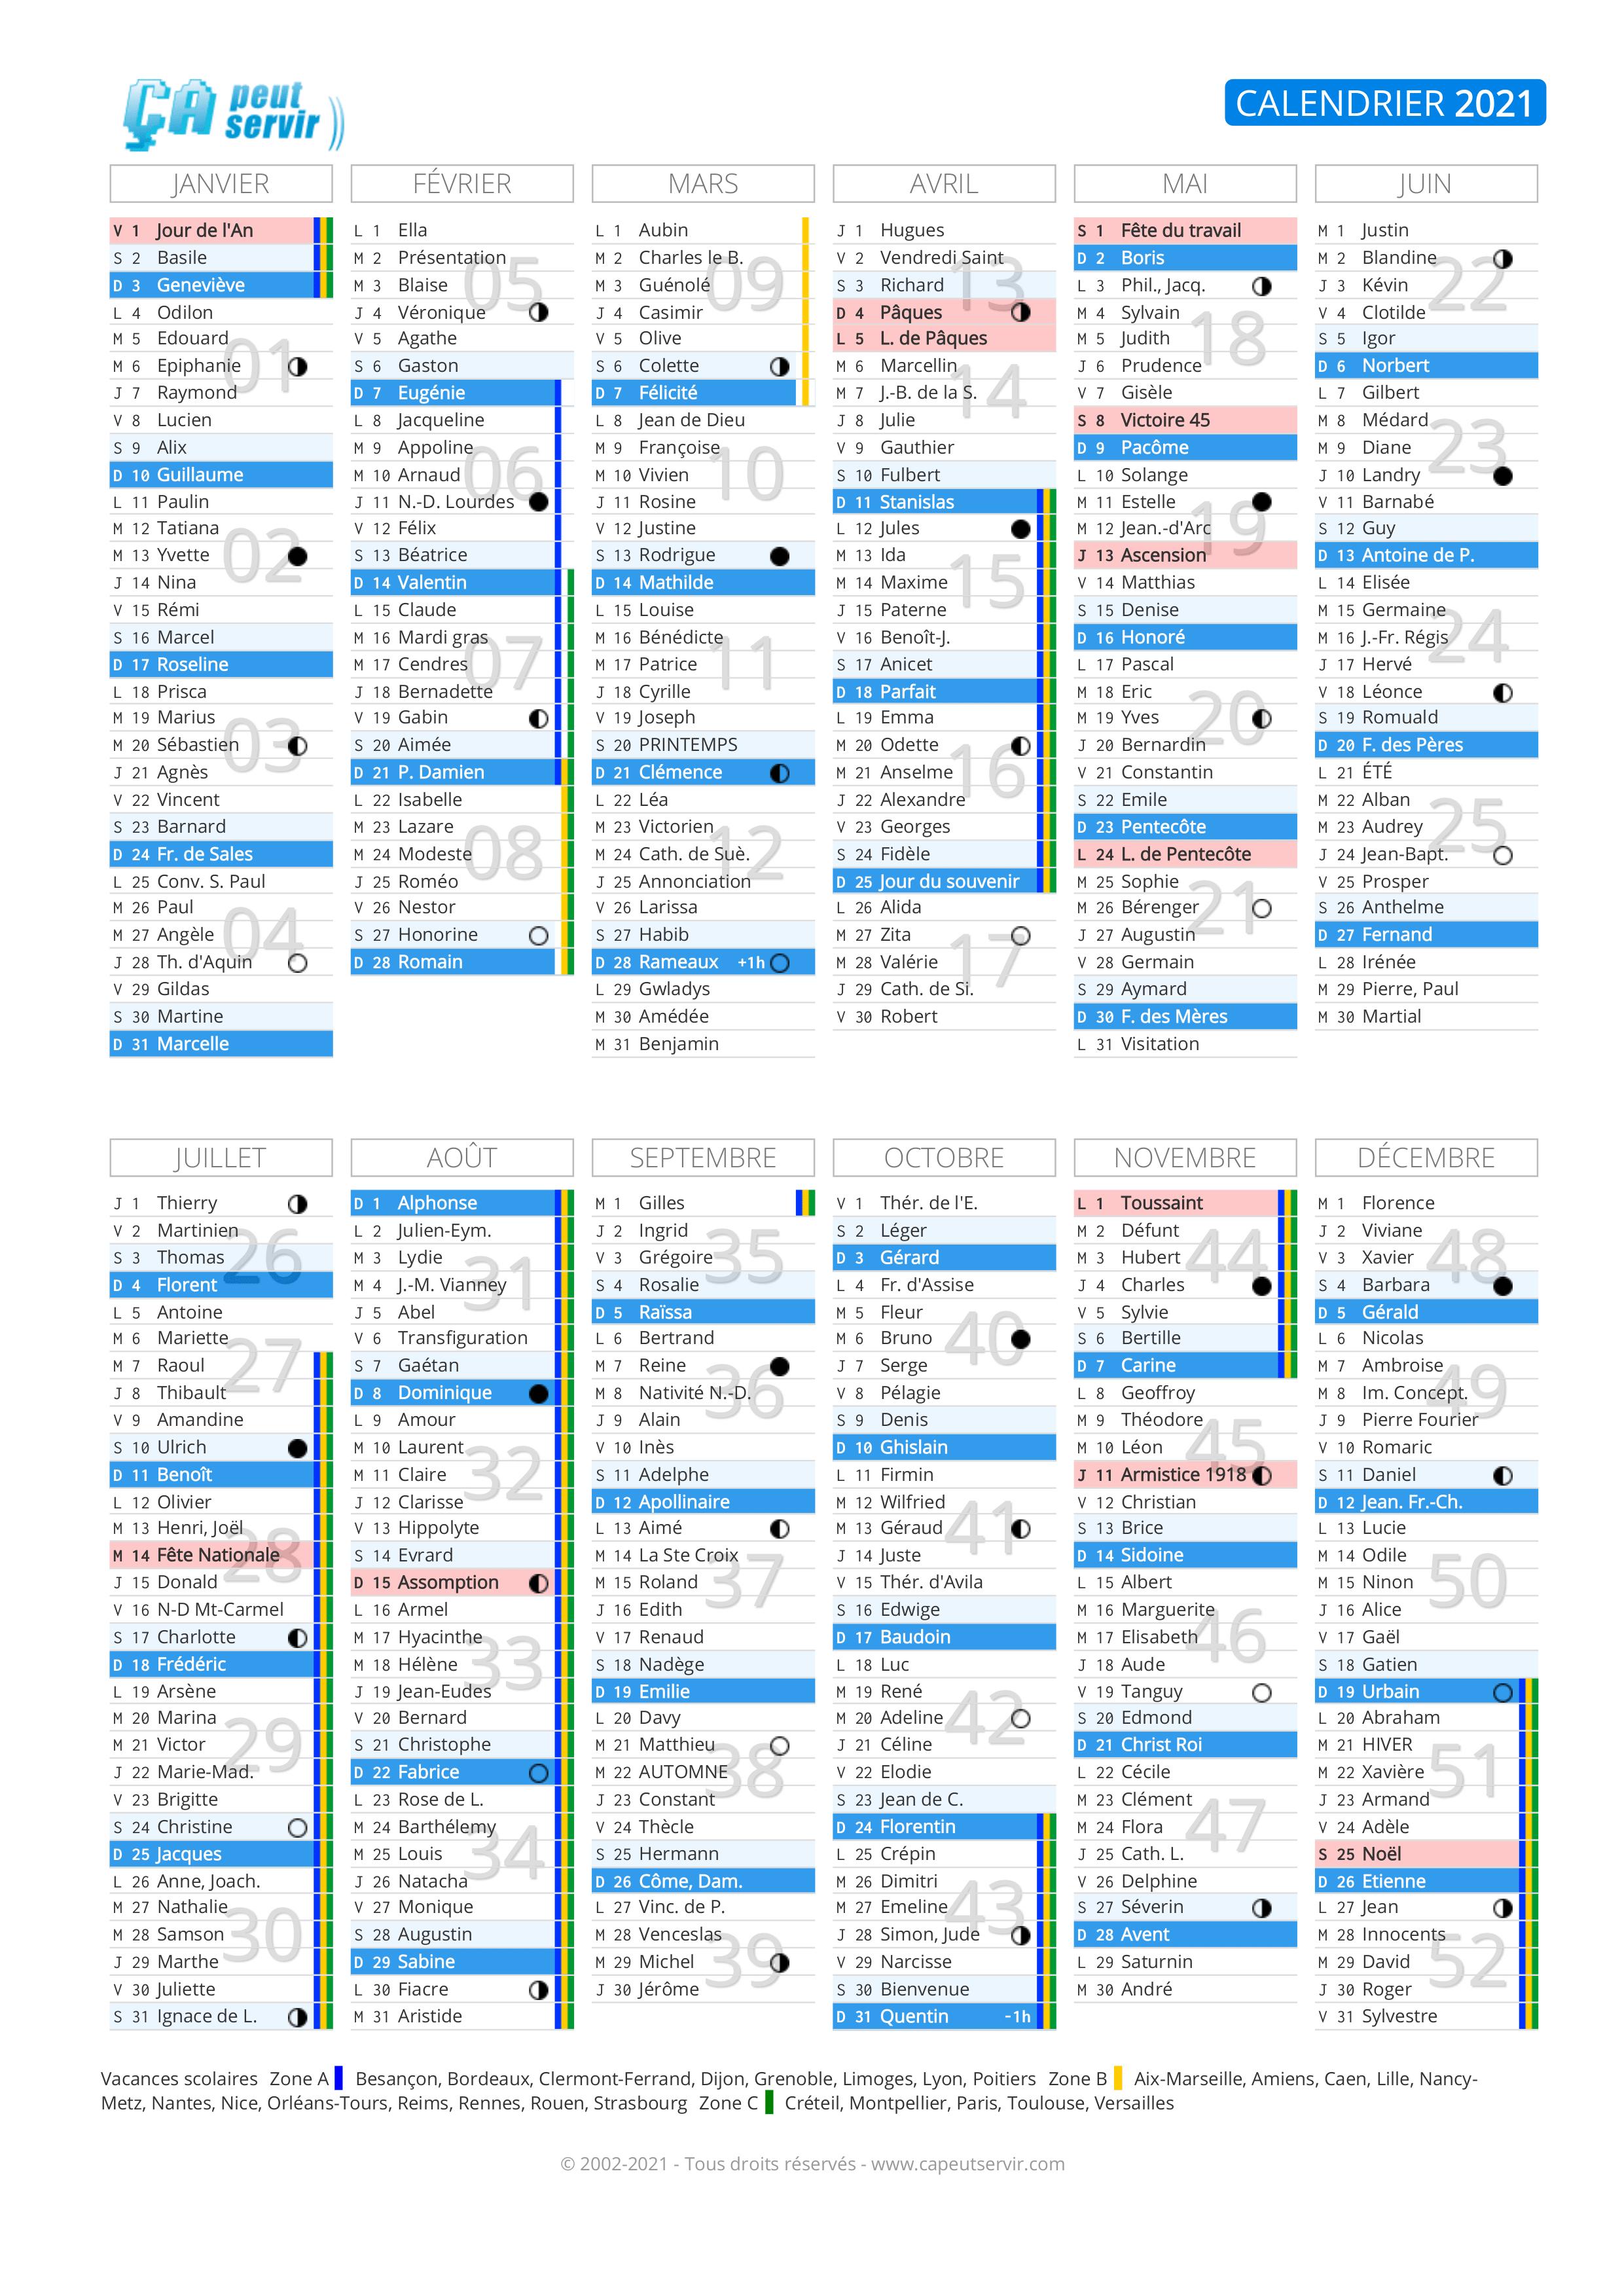 Calendrier 2021 Ascension Calendrier 2021 : Vacances, jours fériés, numéros de semaine